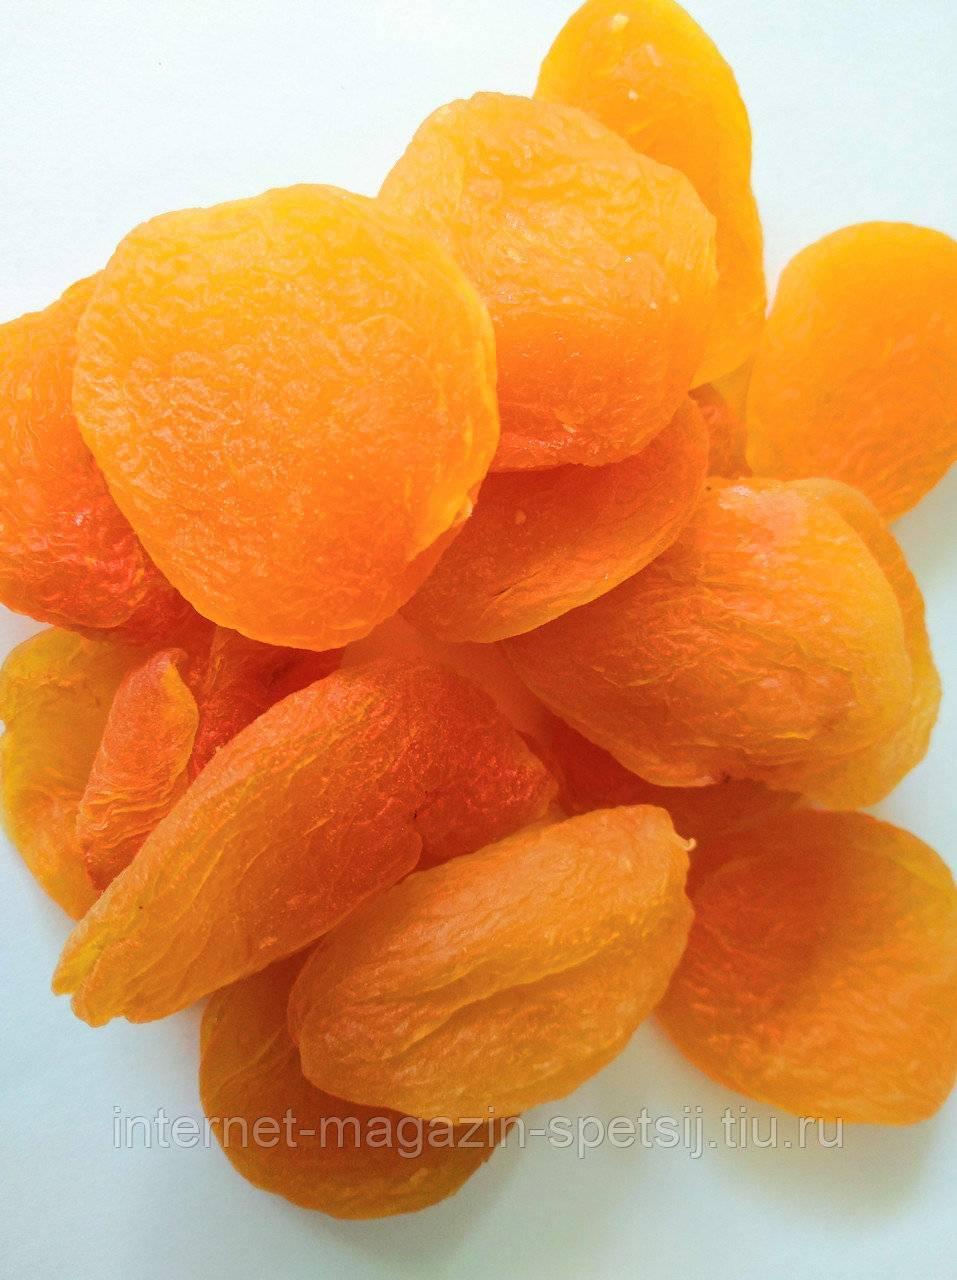 Сушеный абрикос: виды и отличия